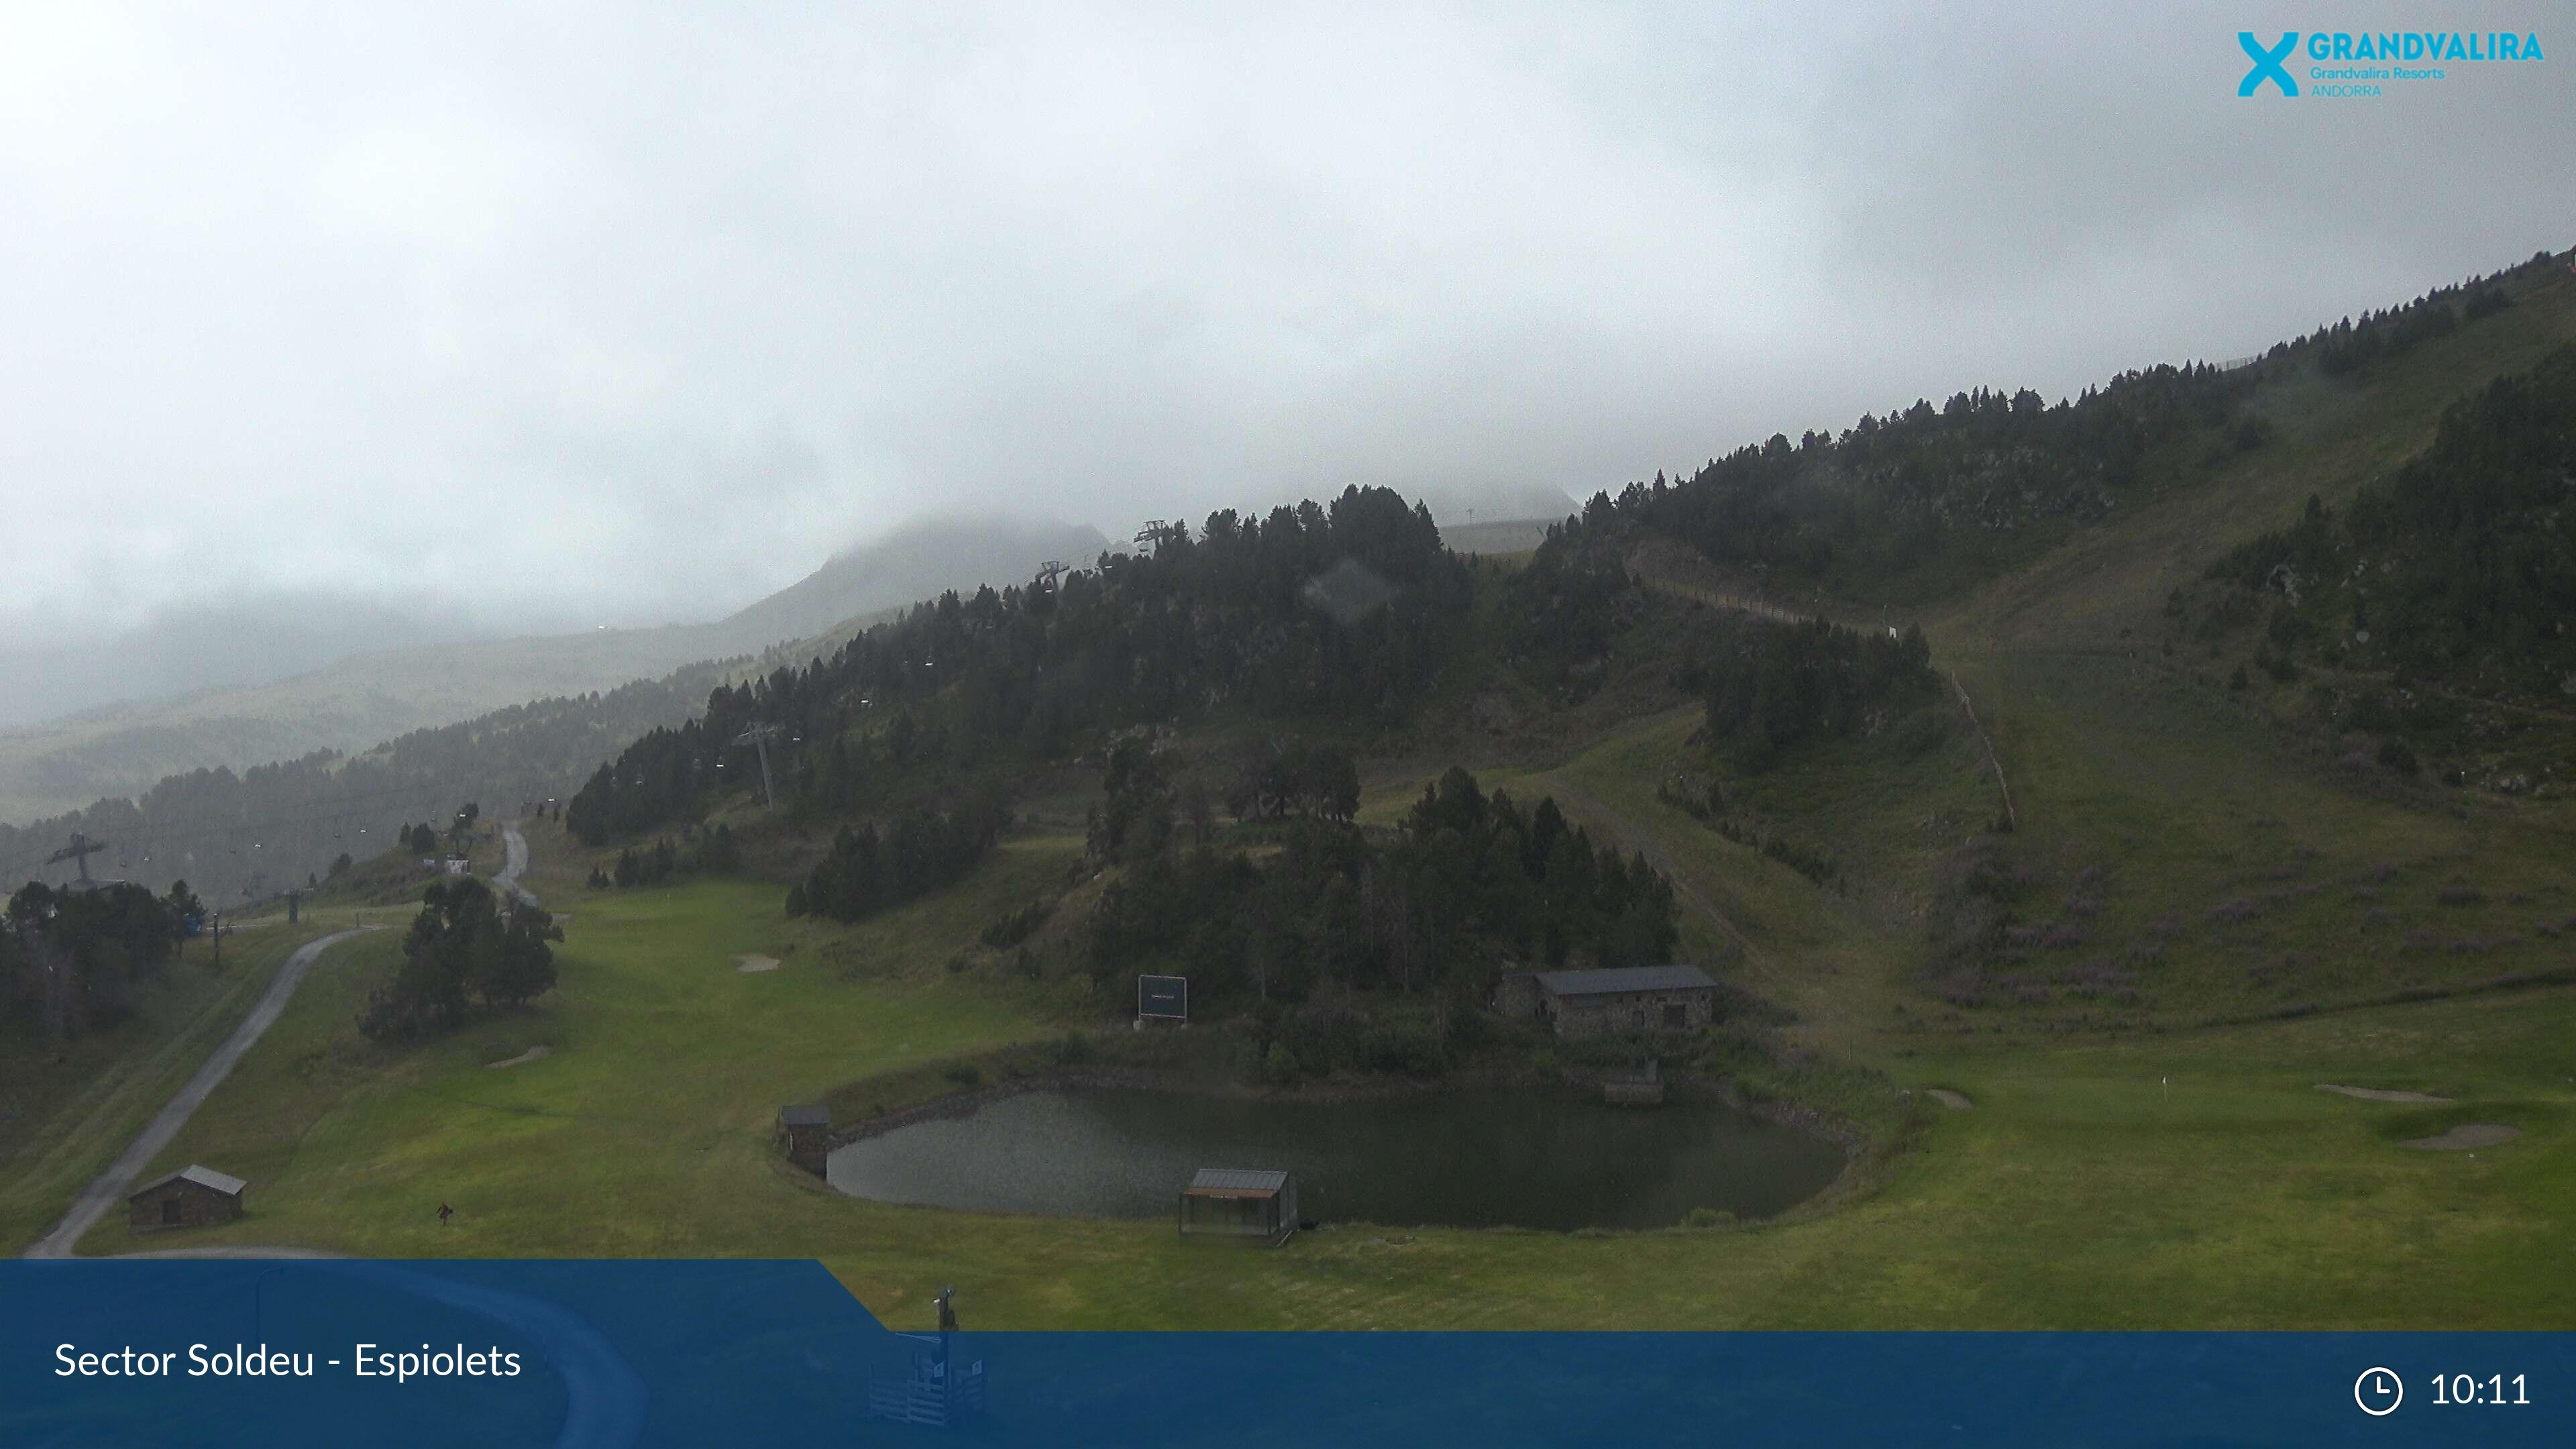 Webcam en Soldeu - Pla dels Espiolets, Grandvalira (Andorra)